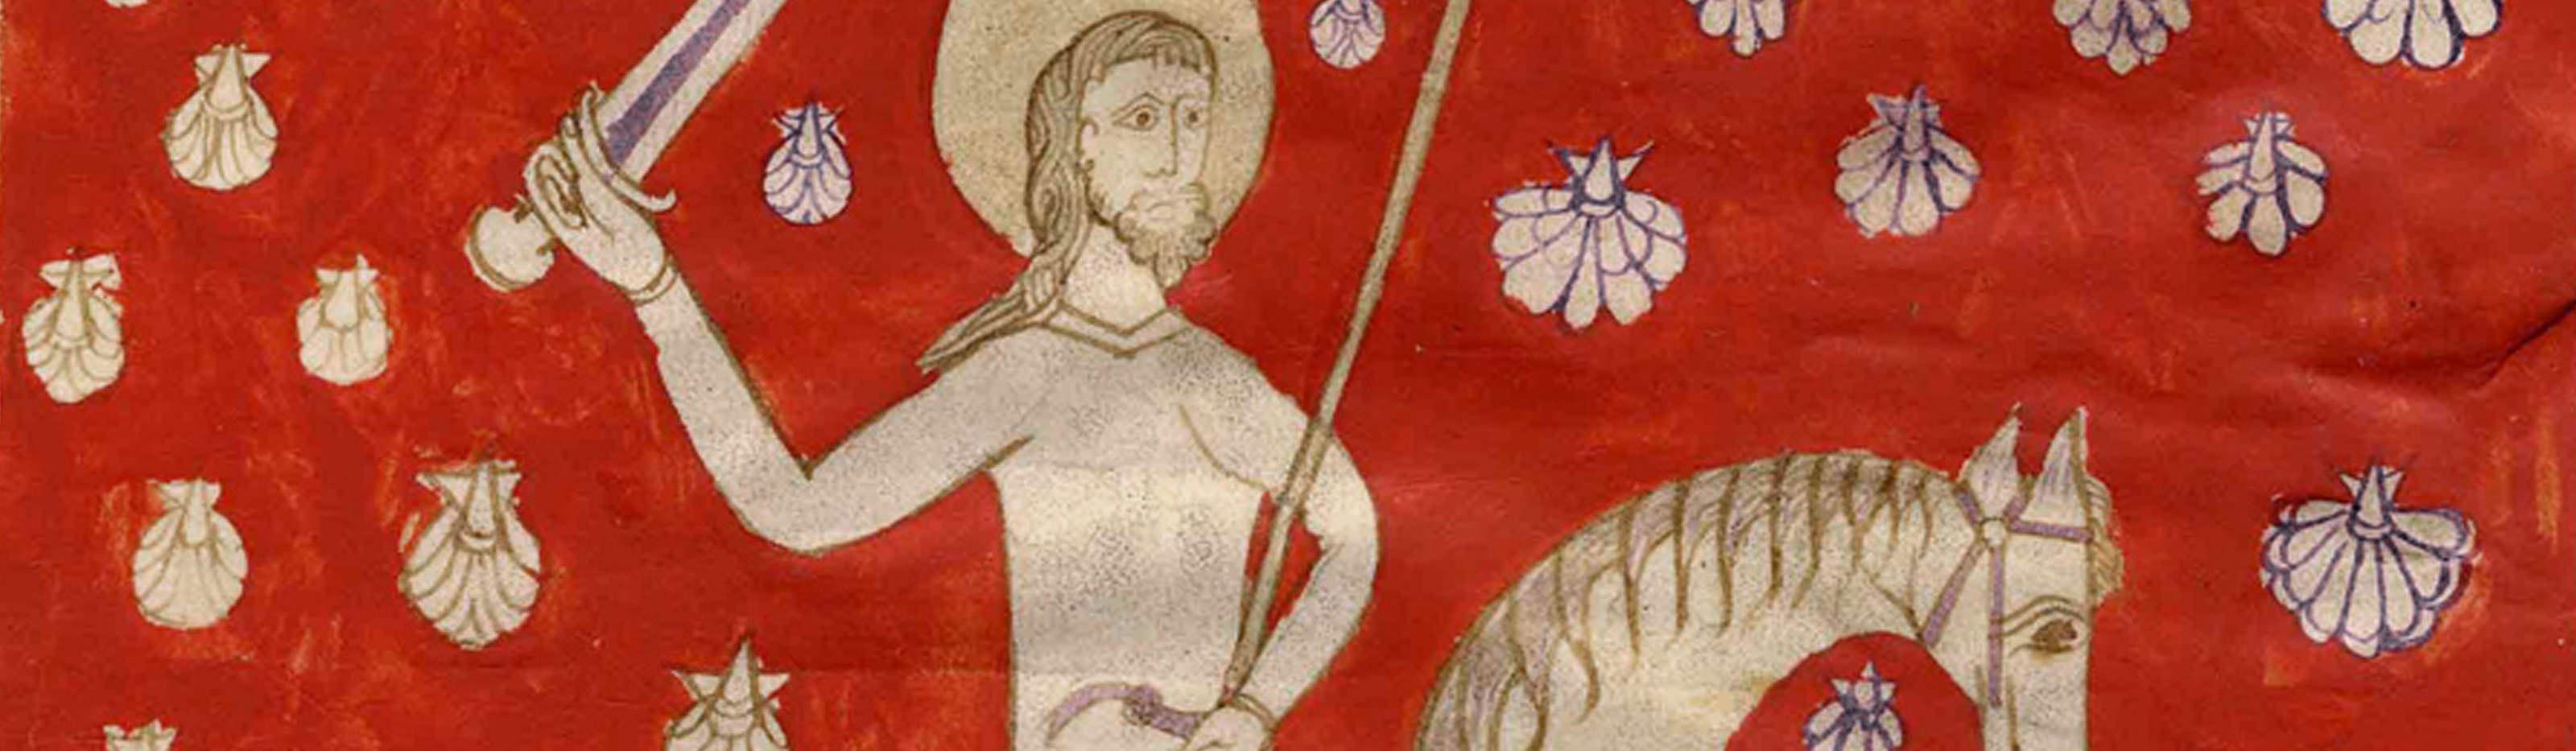 El Codex Calixtinus misteris i evidencies banner